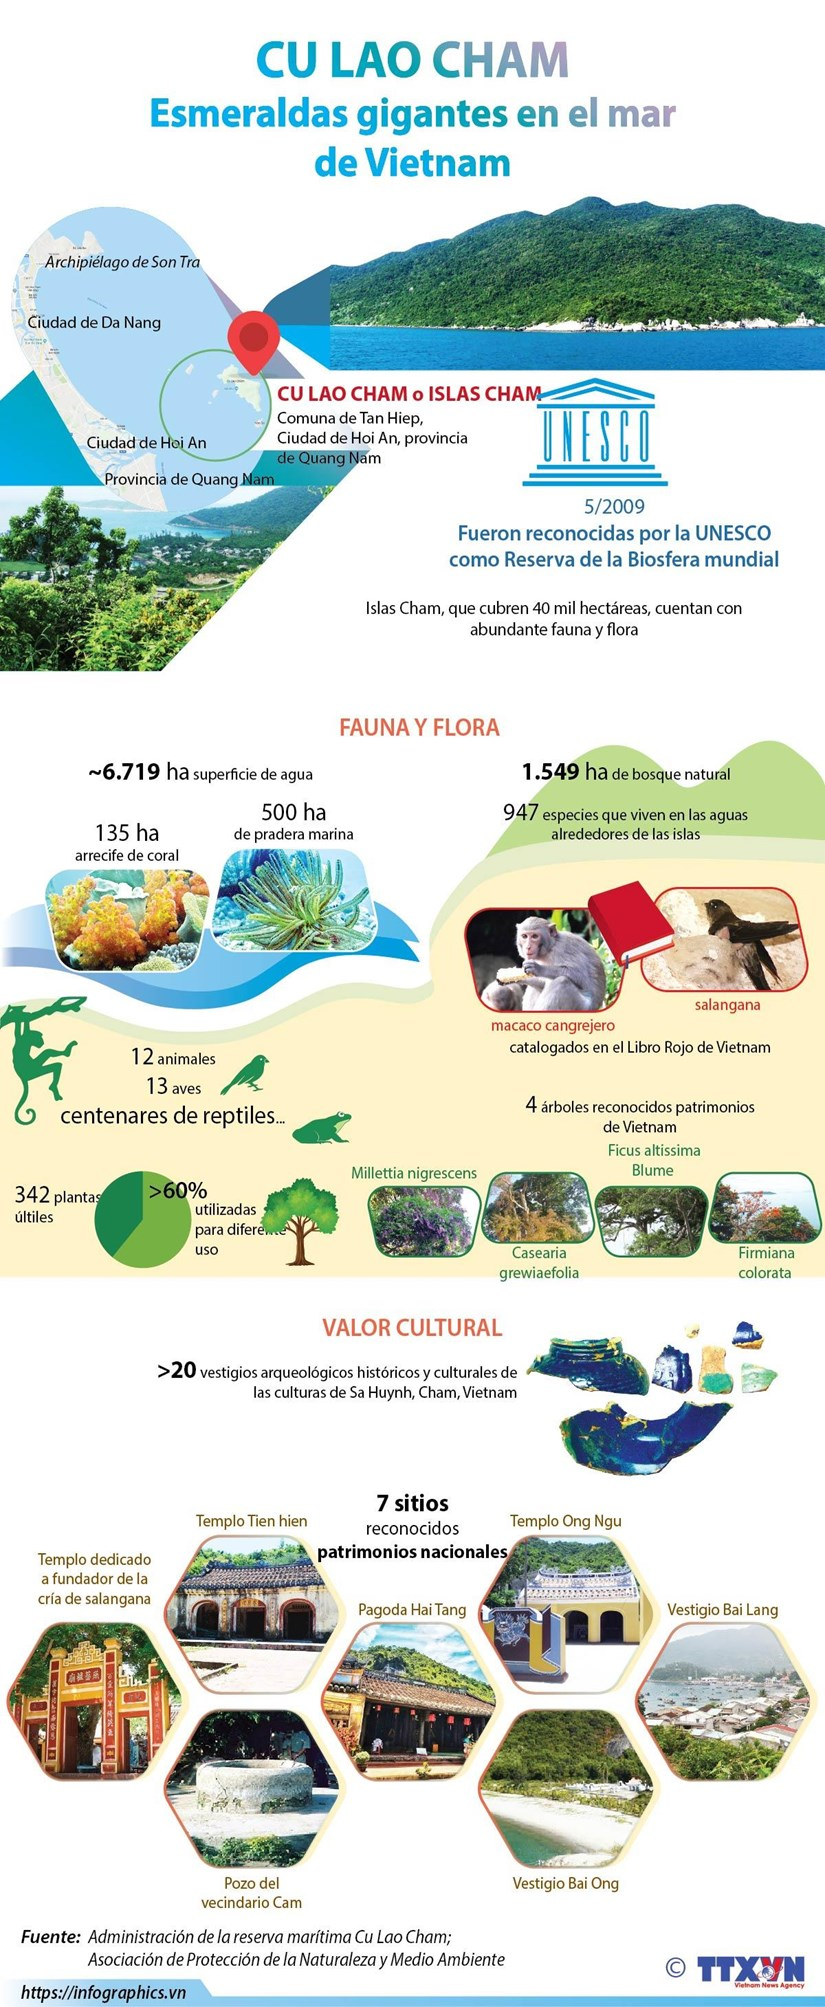 [Info] Cu Lao Cham, esmeraldas gigantes en el mar de Vietnam hinh anh 1